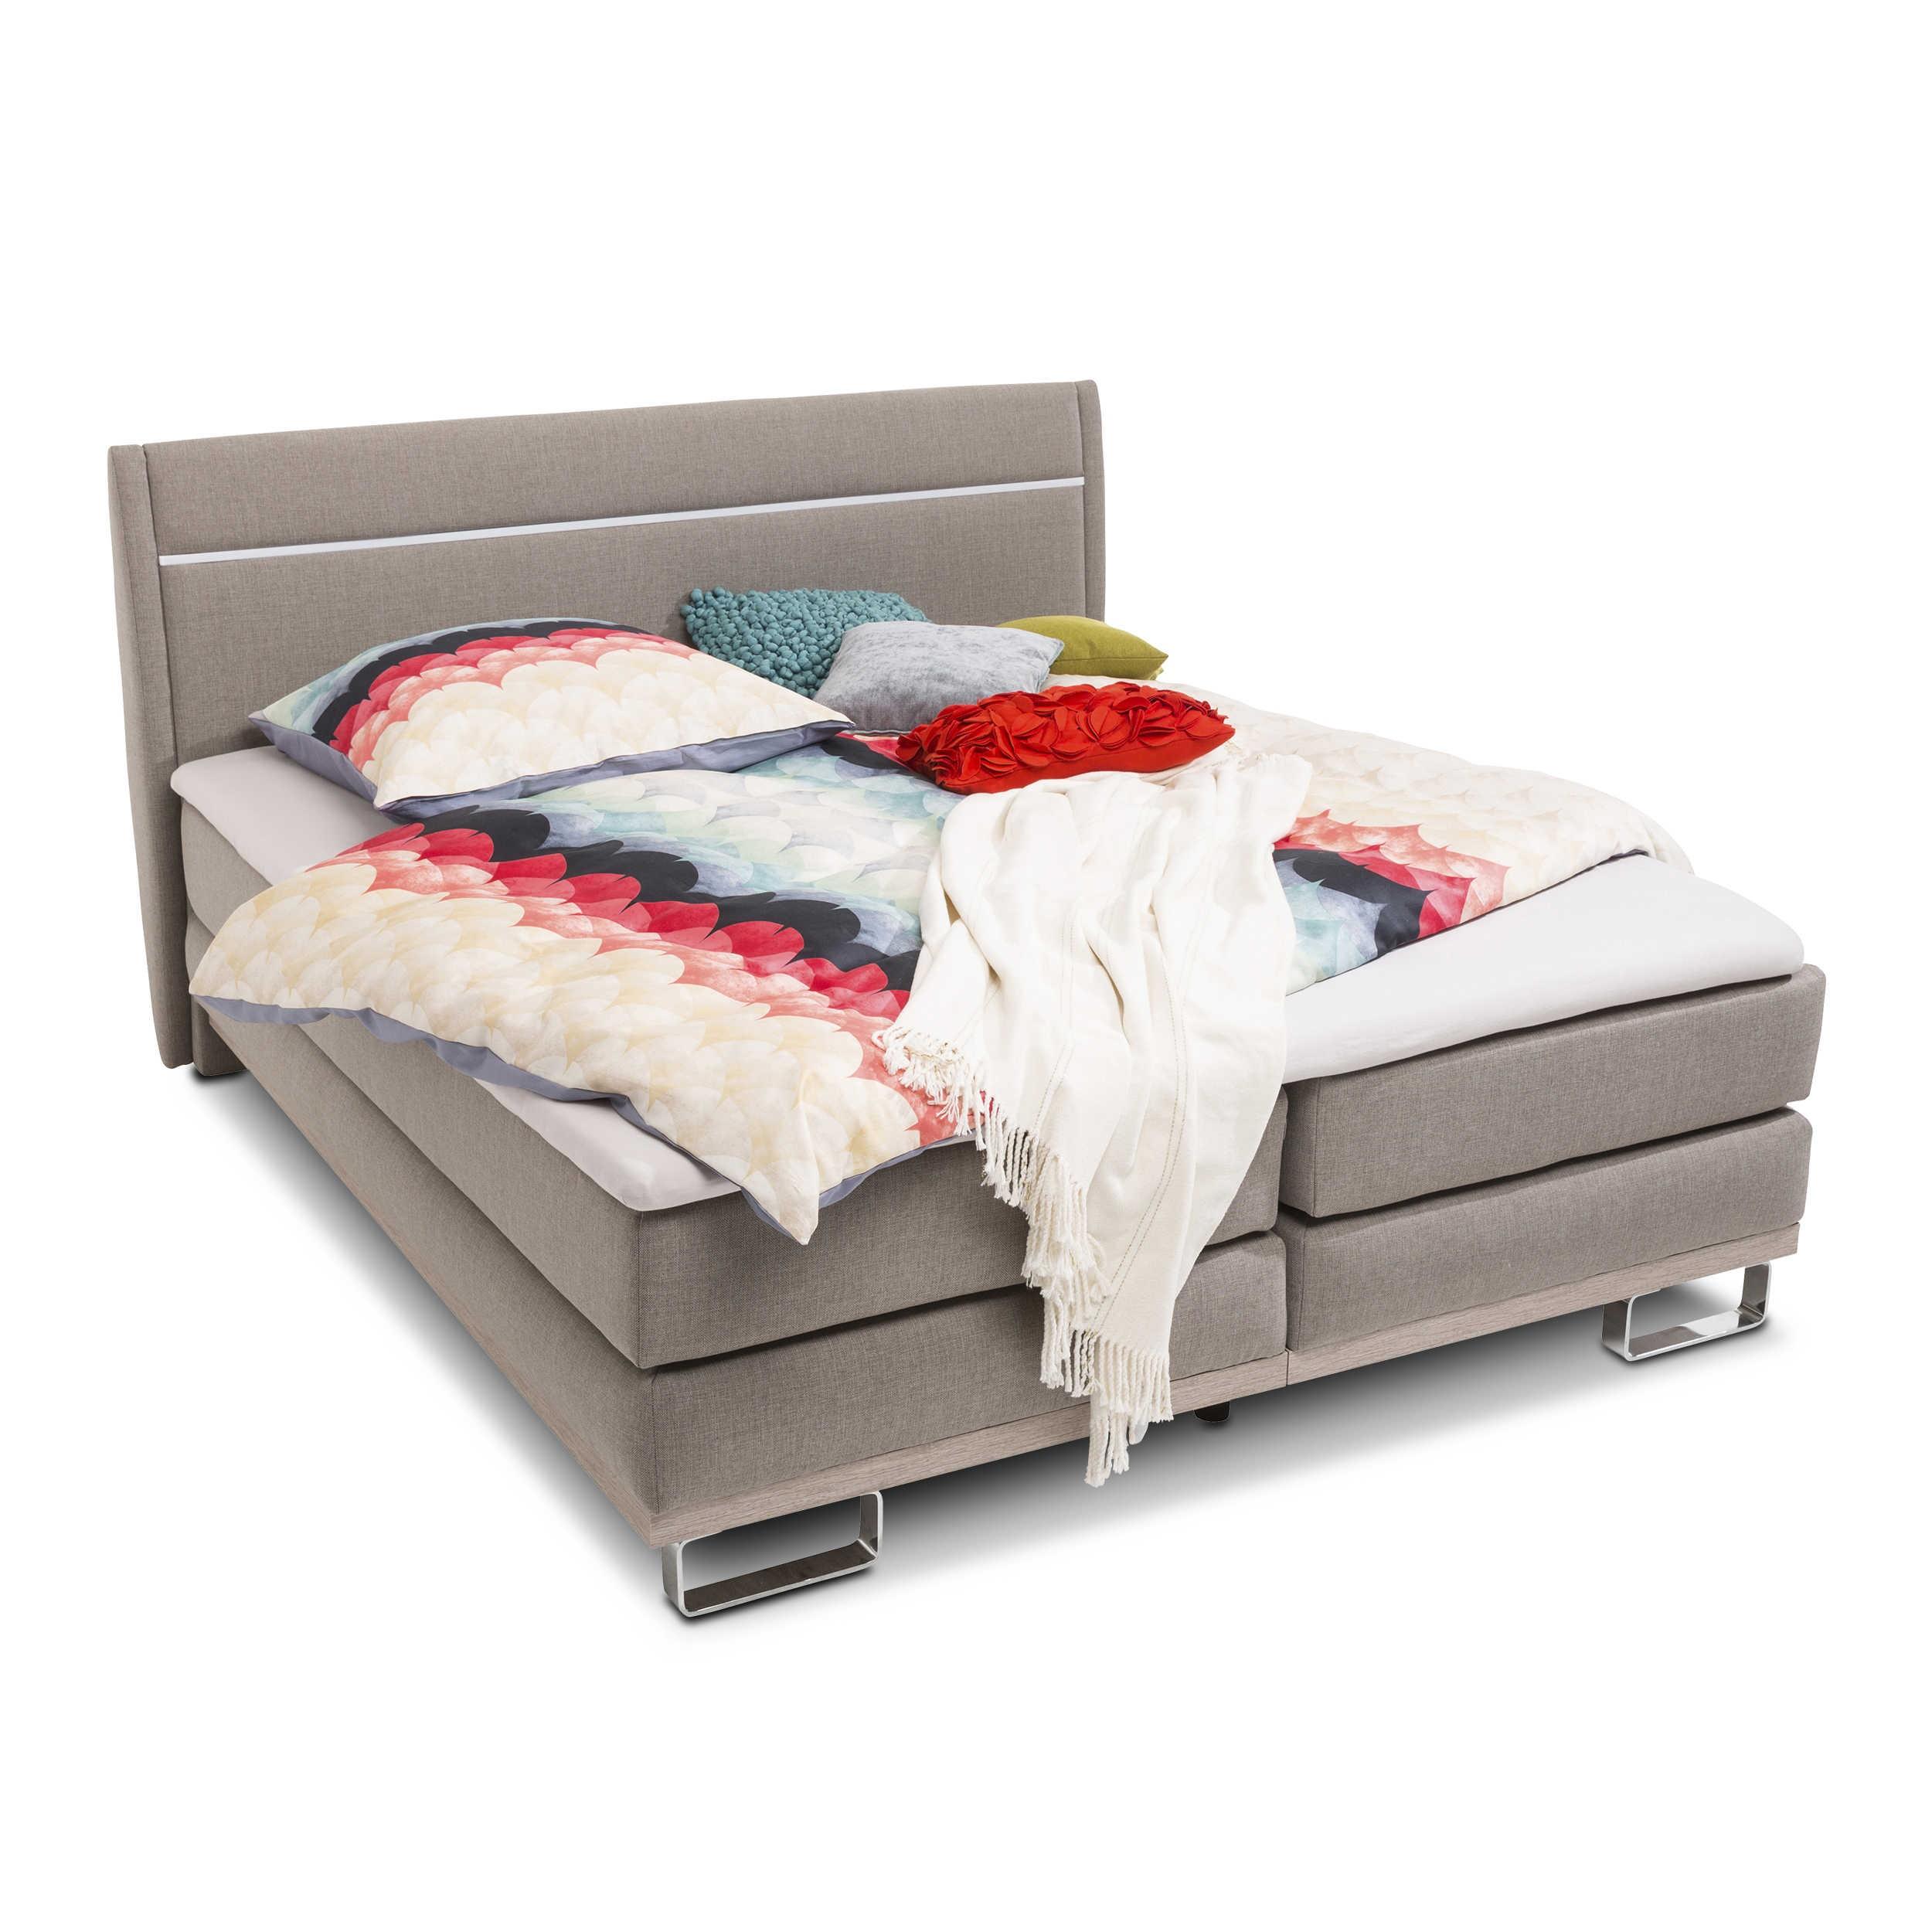 pol power boxspringbett orlando 180 x 200 cm a braun stoff online kaufen bei woonio. Black Bedroom Furniture Sets. Home Design Ideas